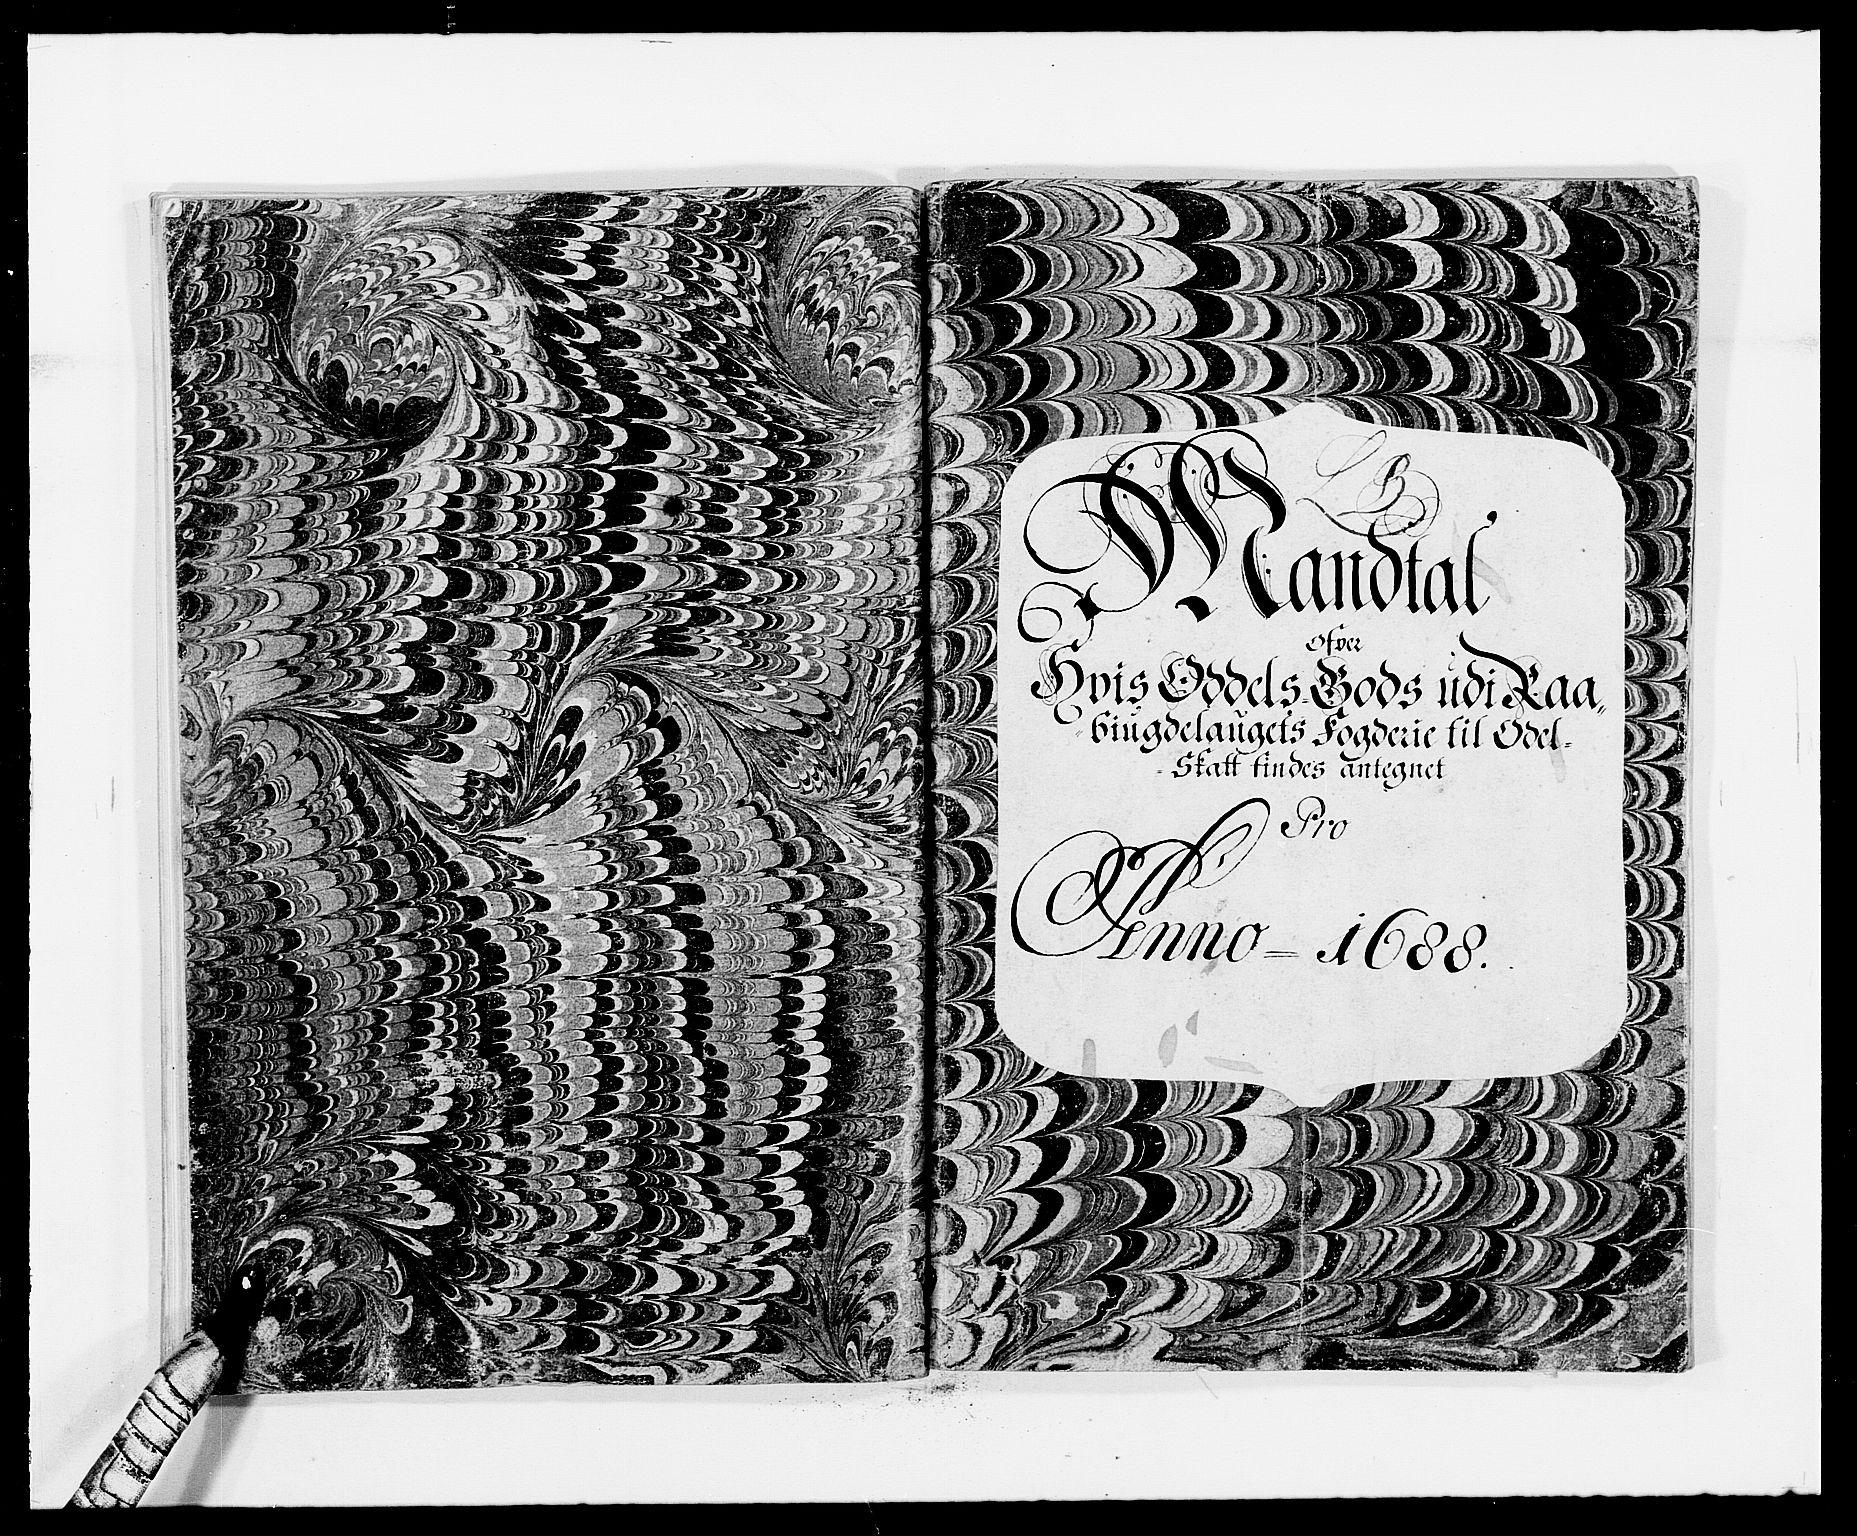 RA, Rentekammeret inntil 1814, Reviderte regnskaper, Fogderegnskap, R40/L2441: Fogderegnskap Råbyggelag, 1688, s. 45